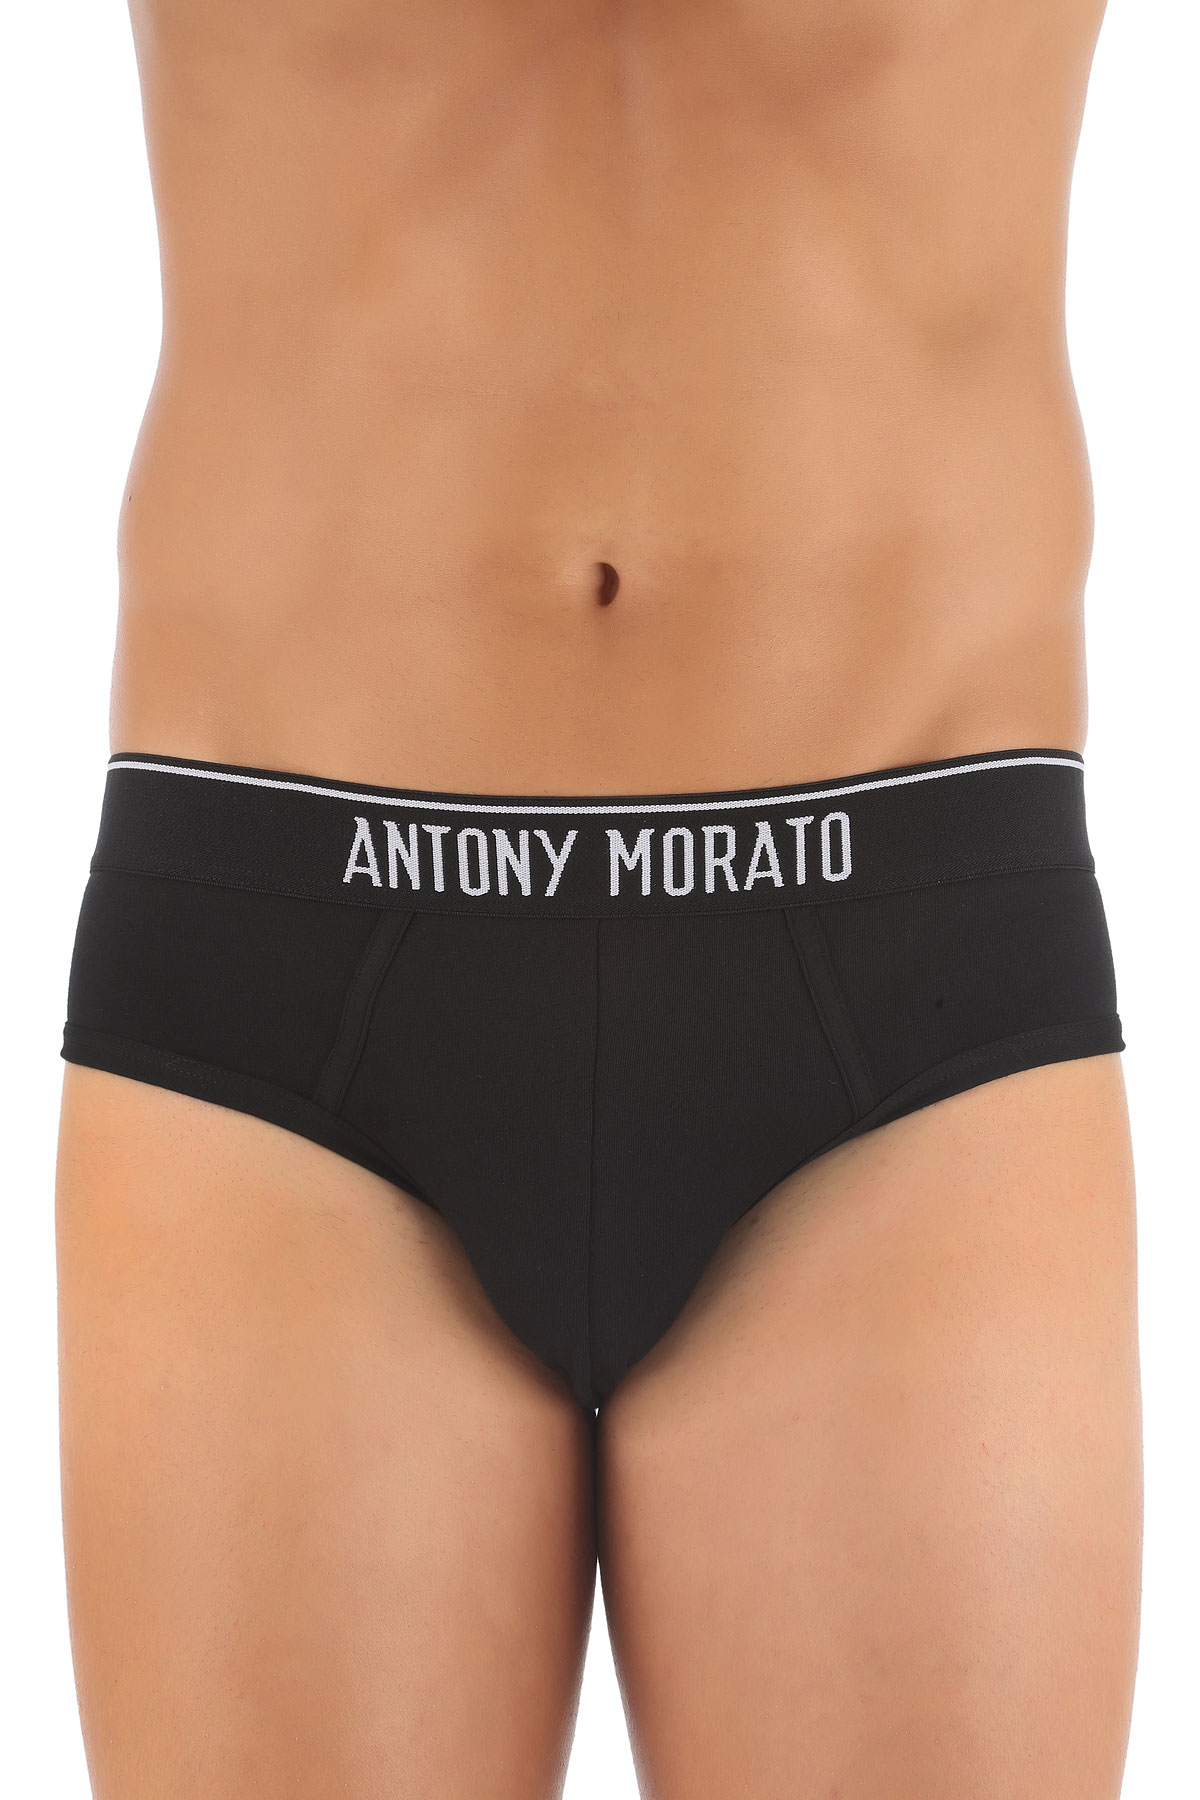 Image of Antony Morato Briefs for Men, Black, Cotton, 2017, S (EU 46) M (EU 48) L (EU 50) XL (EU 52) XXL (EU 54)